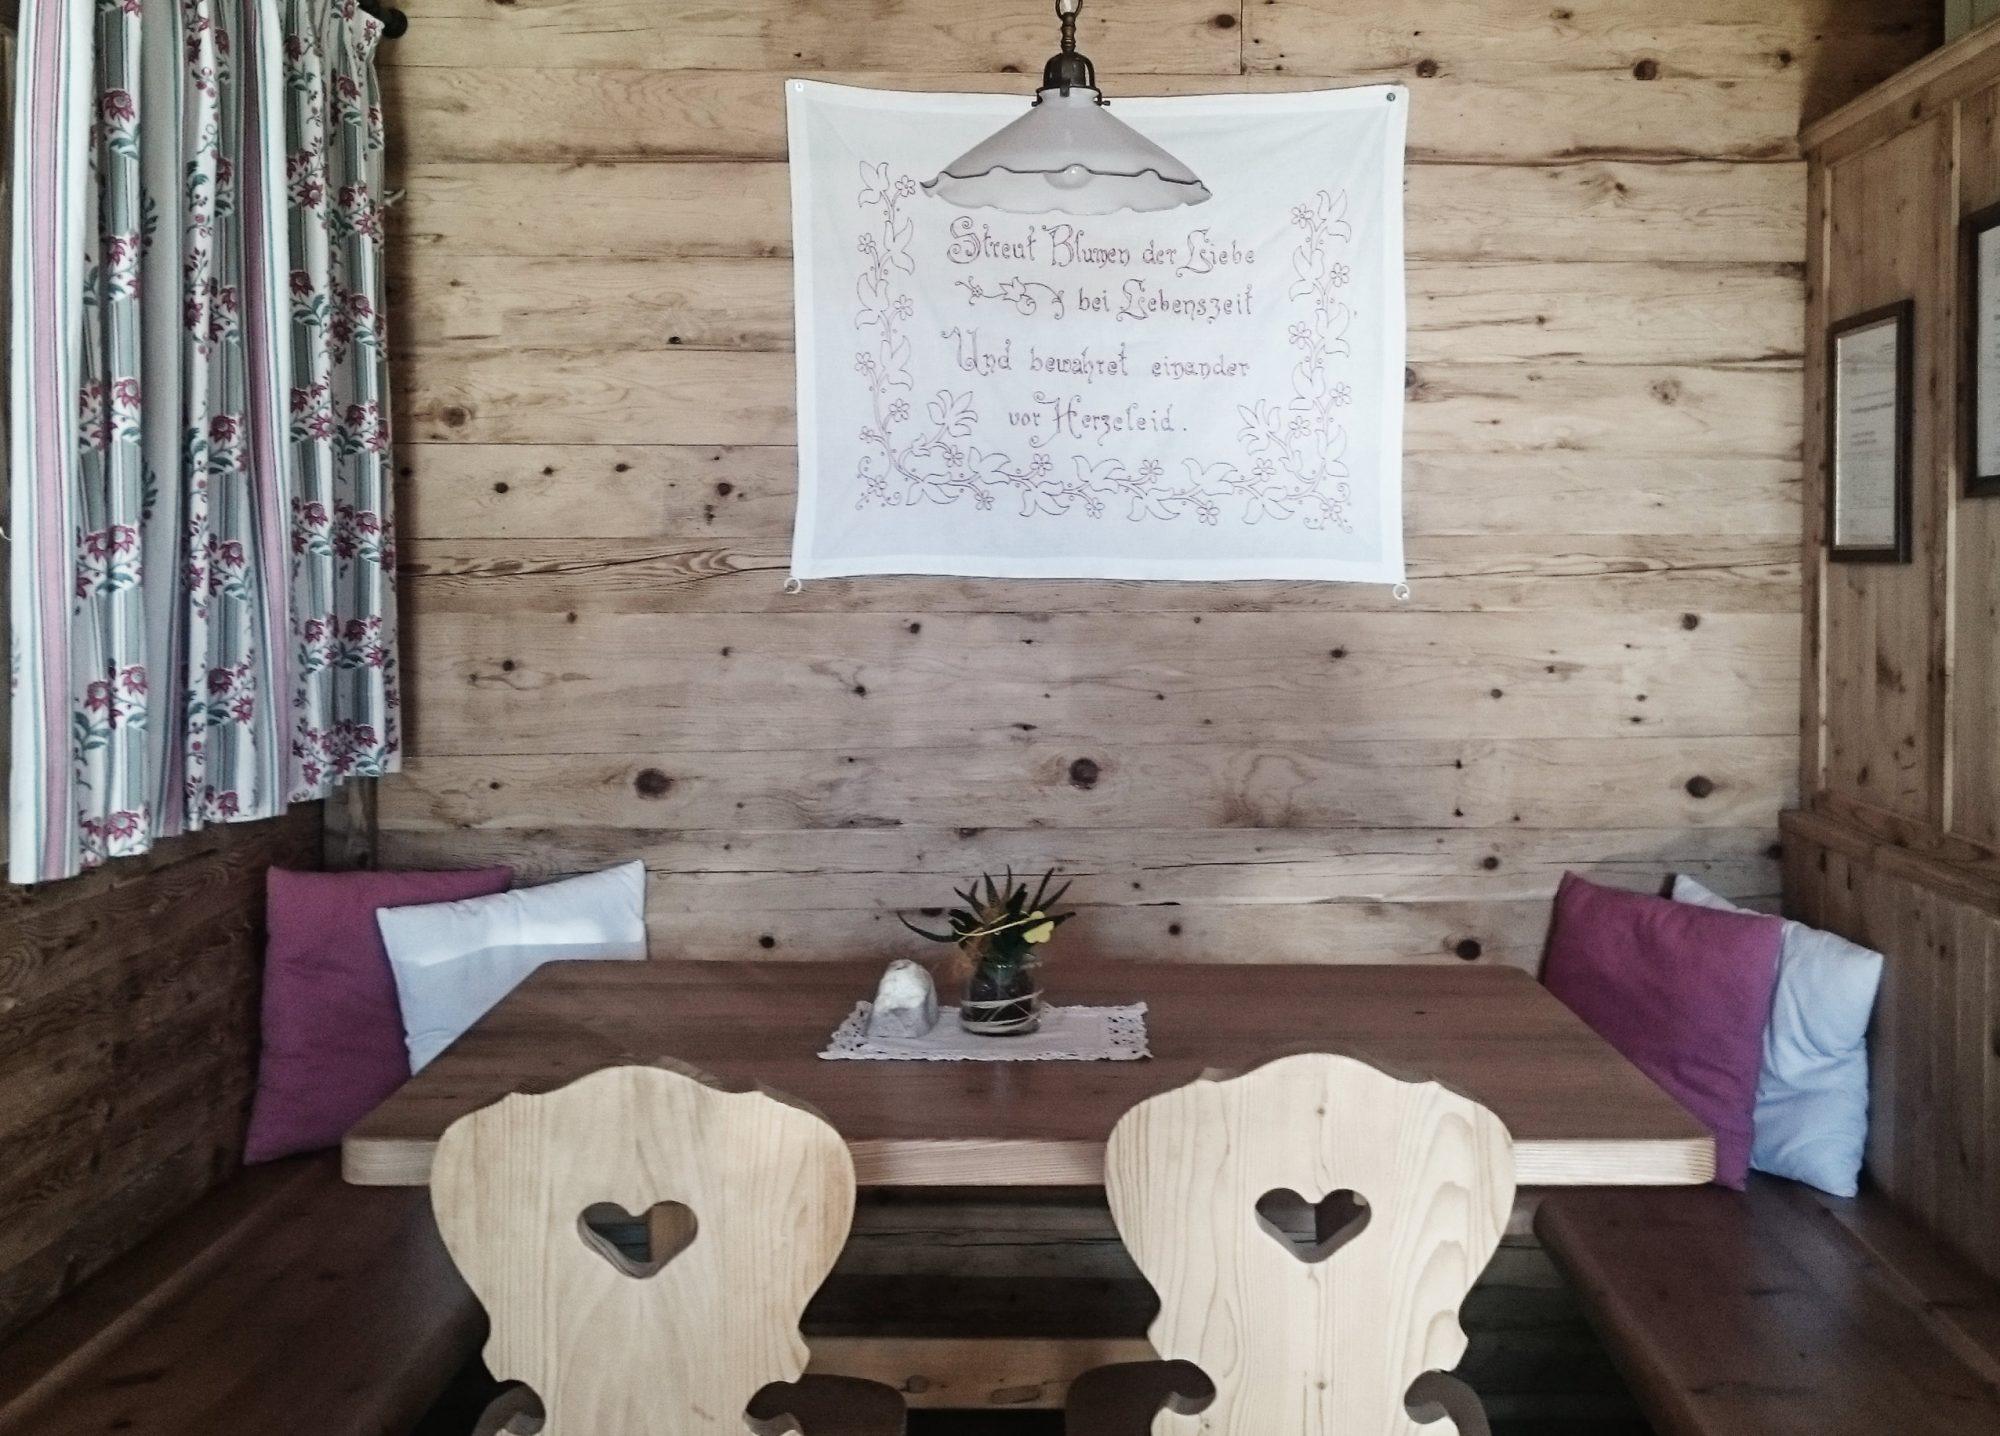 Esszimmer Hütte, In 10 Schritten fit fürs Hüttenleben, Tipps Hüttentour, Tipps Hüttenübernachtung, Alpenüberquerung, Alpenvereinshütte, Übernachtung Hütte